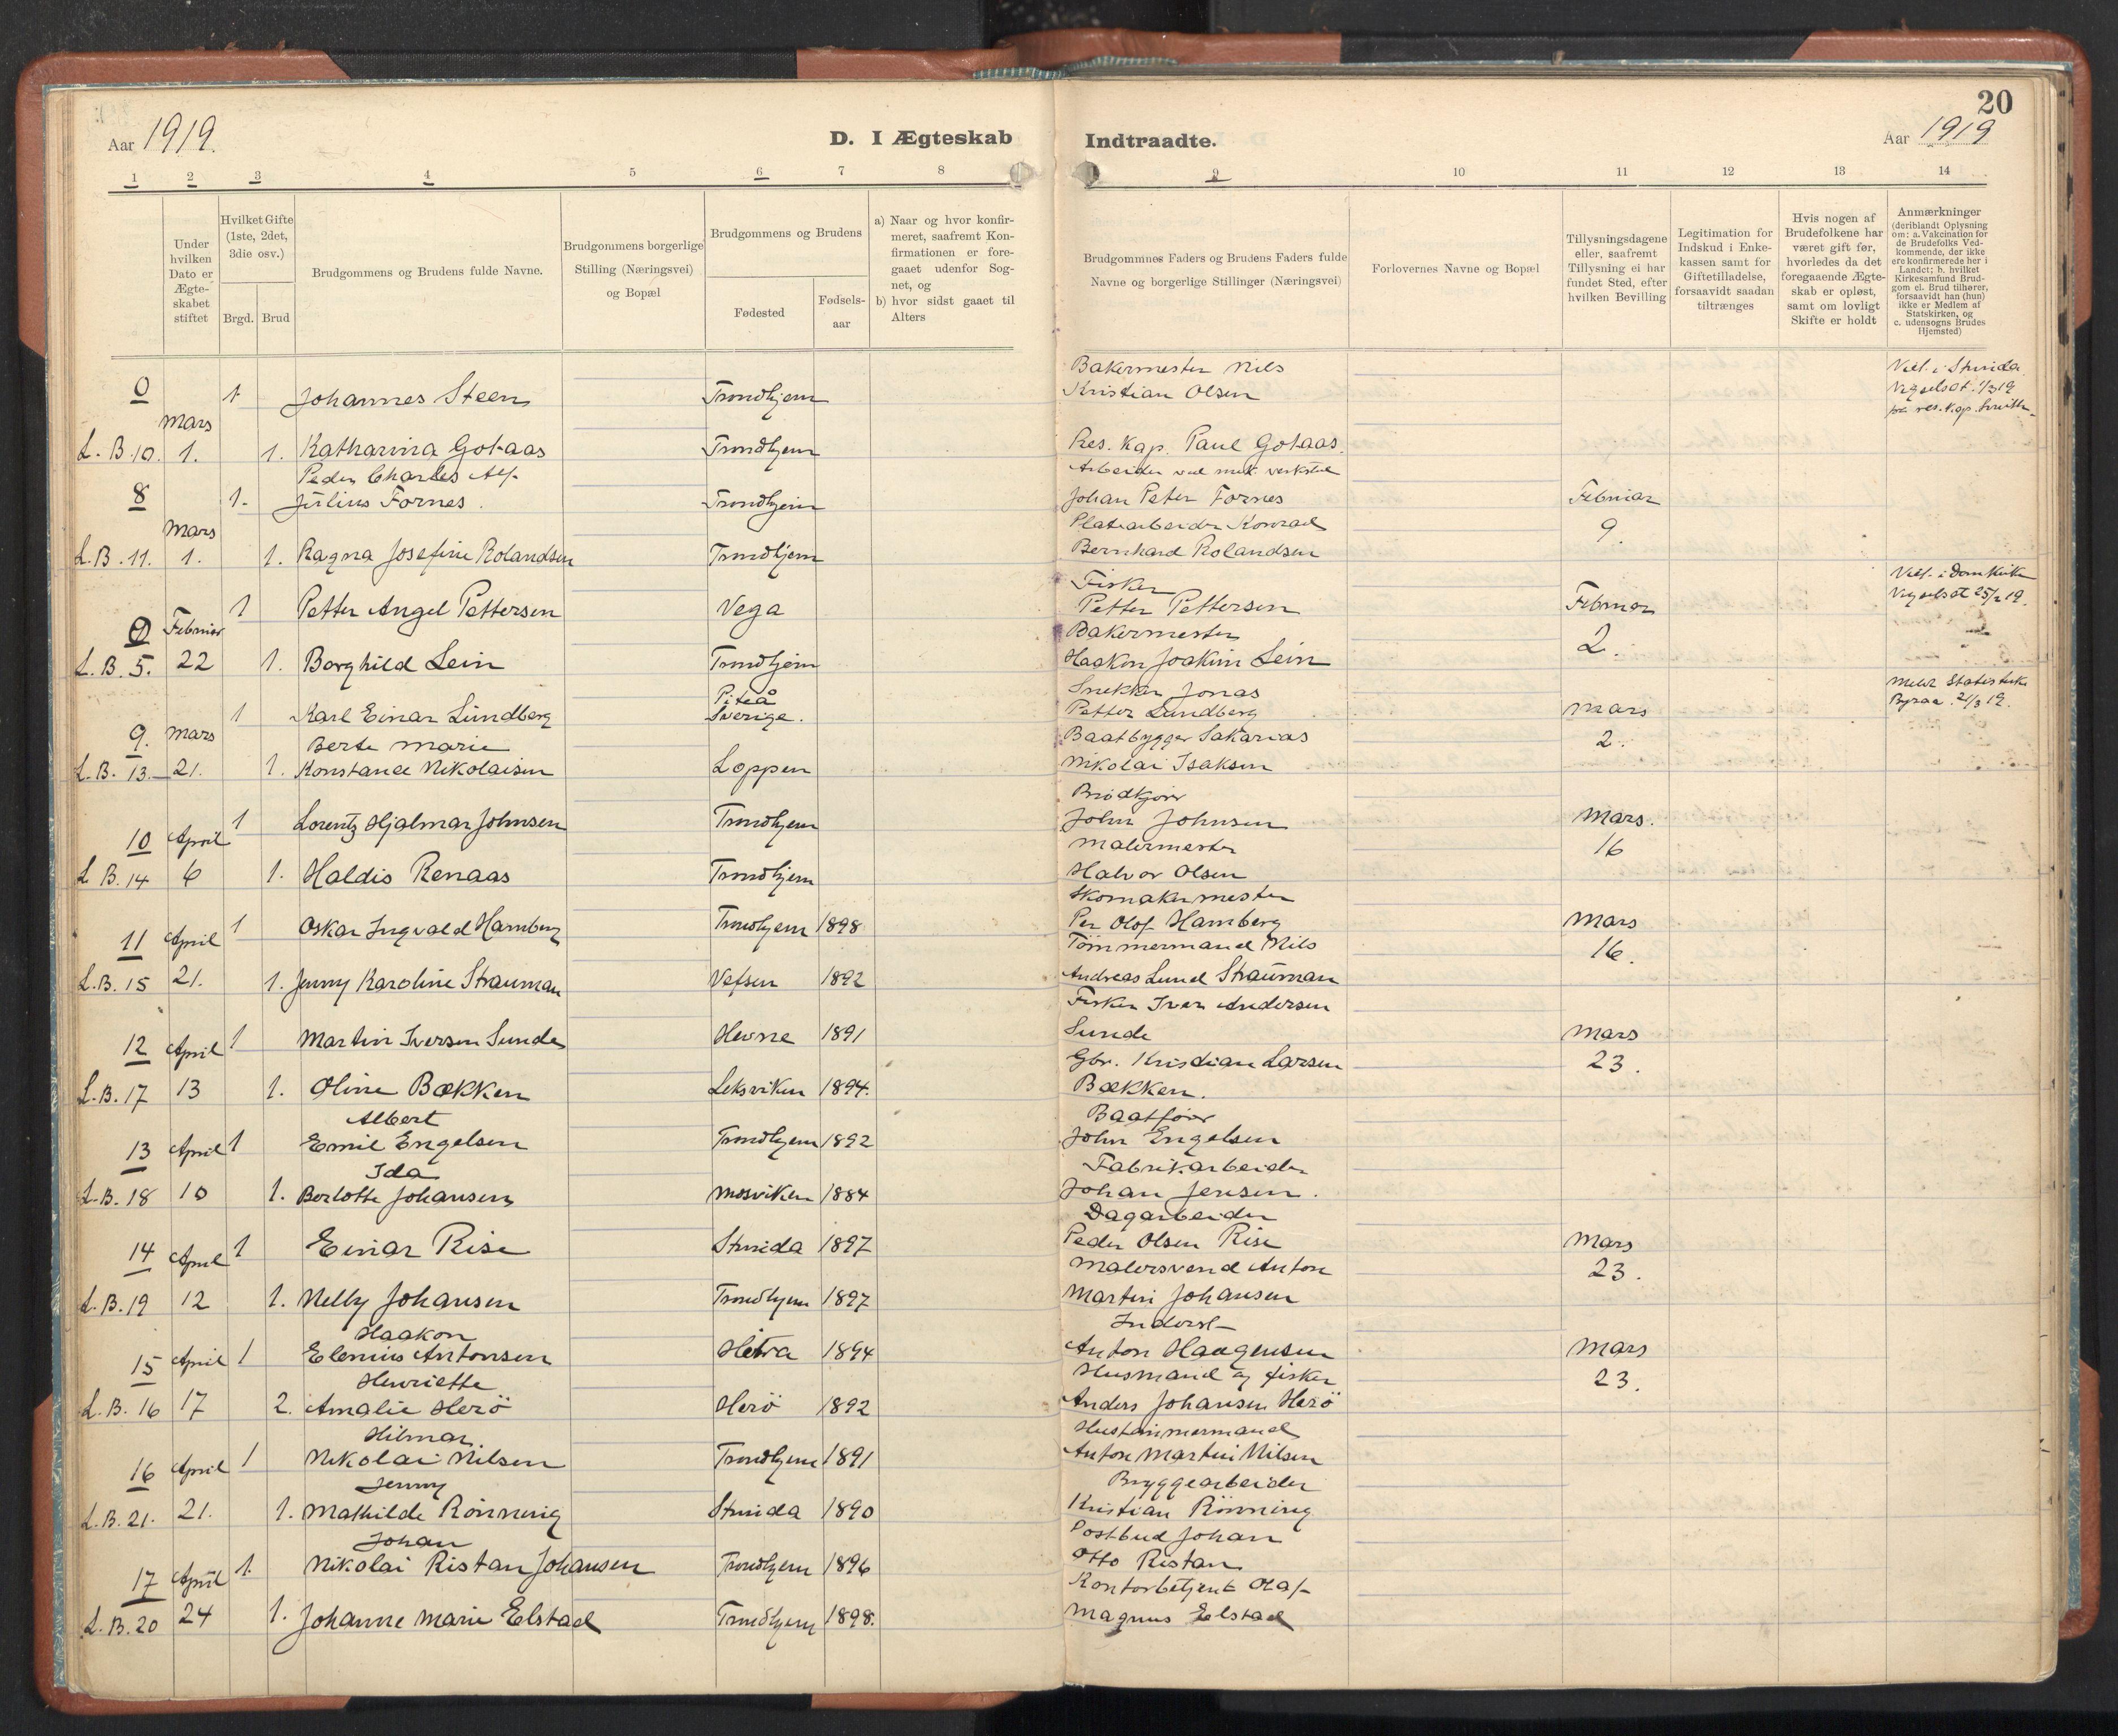 SAT, Ministerialprotokoller, klokkerbøker og fødselsregistre - Sør-Trøndelag, 605/L0245: Ministerialbok nr. 605A07, 1916-1938, s. 20